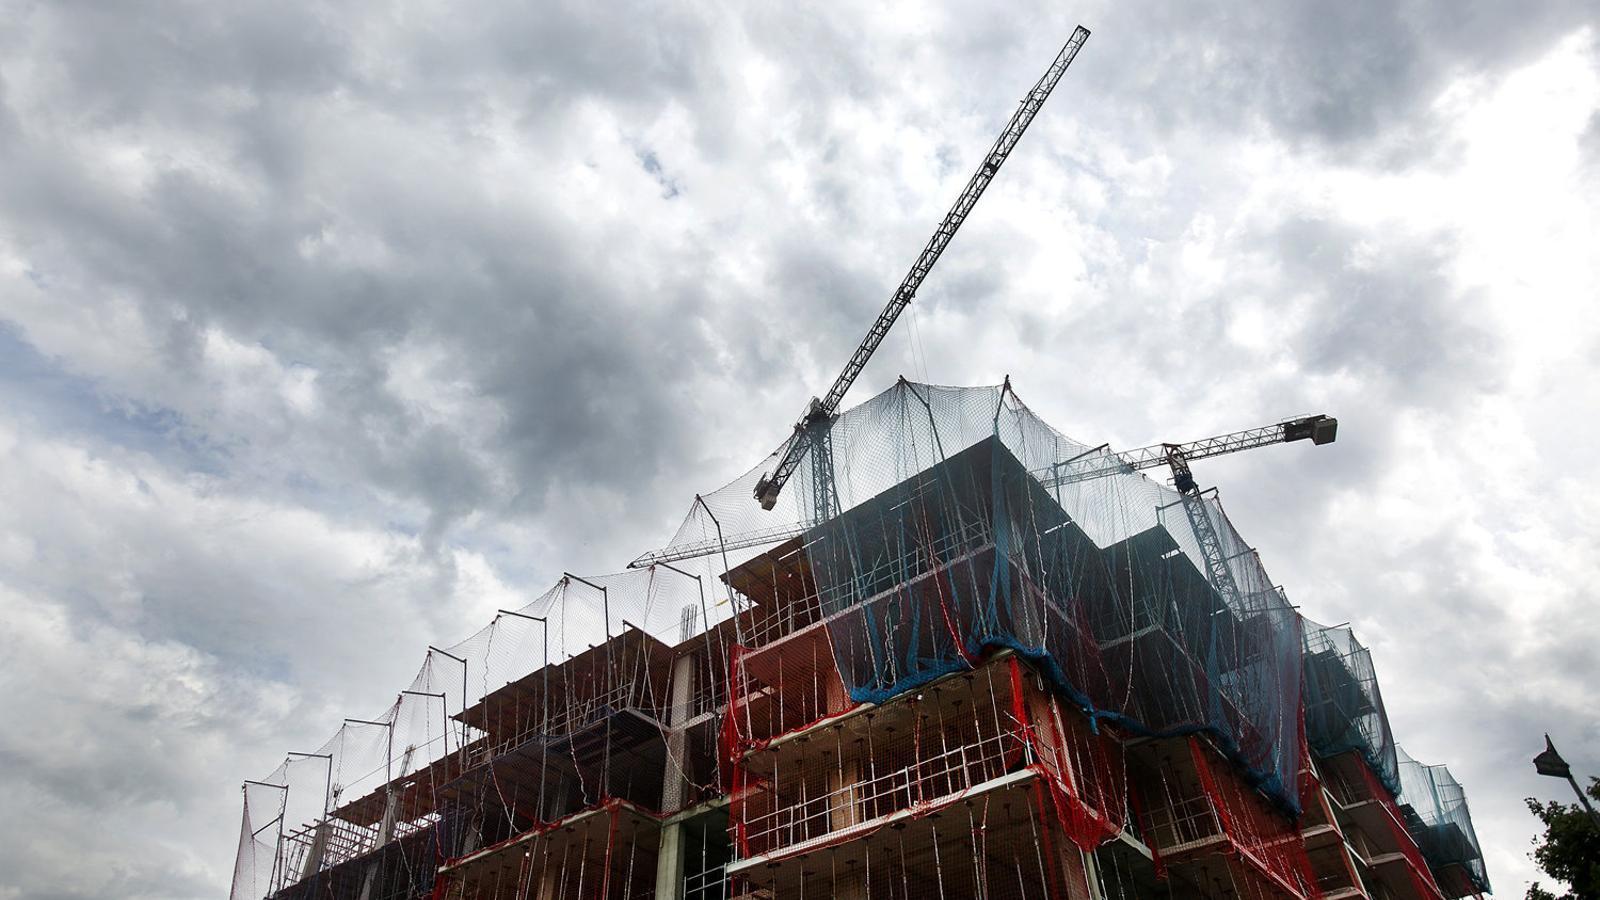 Un edifici de pisos en obres a la ciutat de Barcelona.